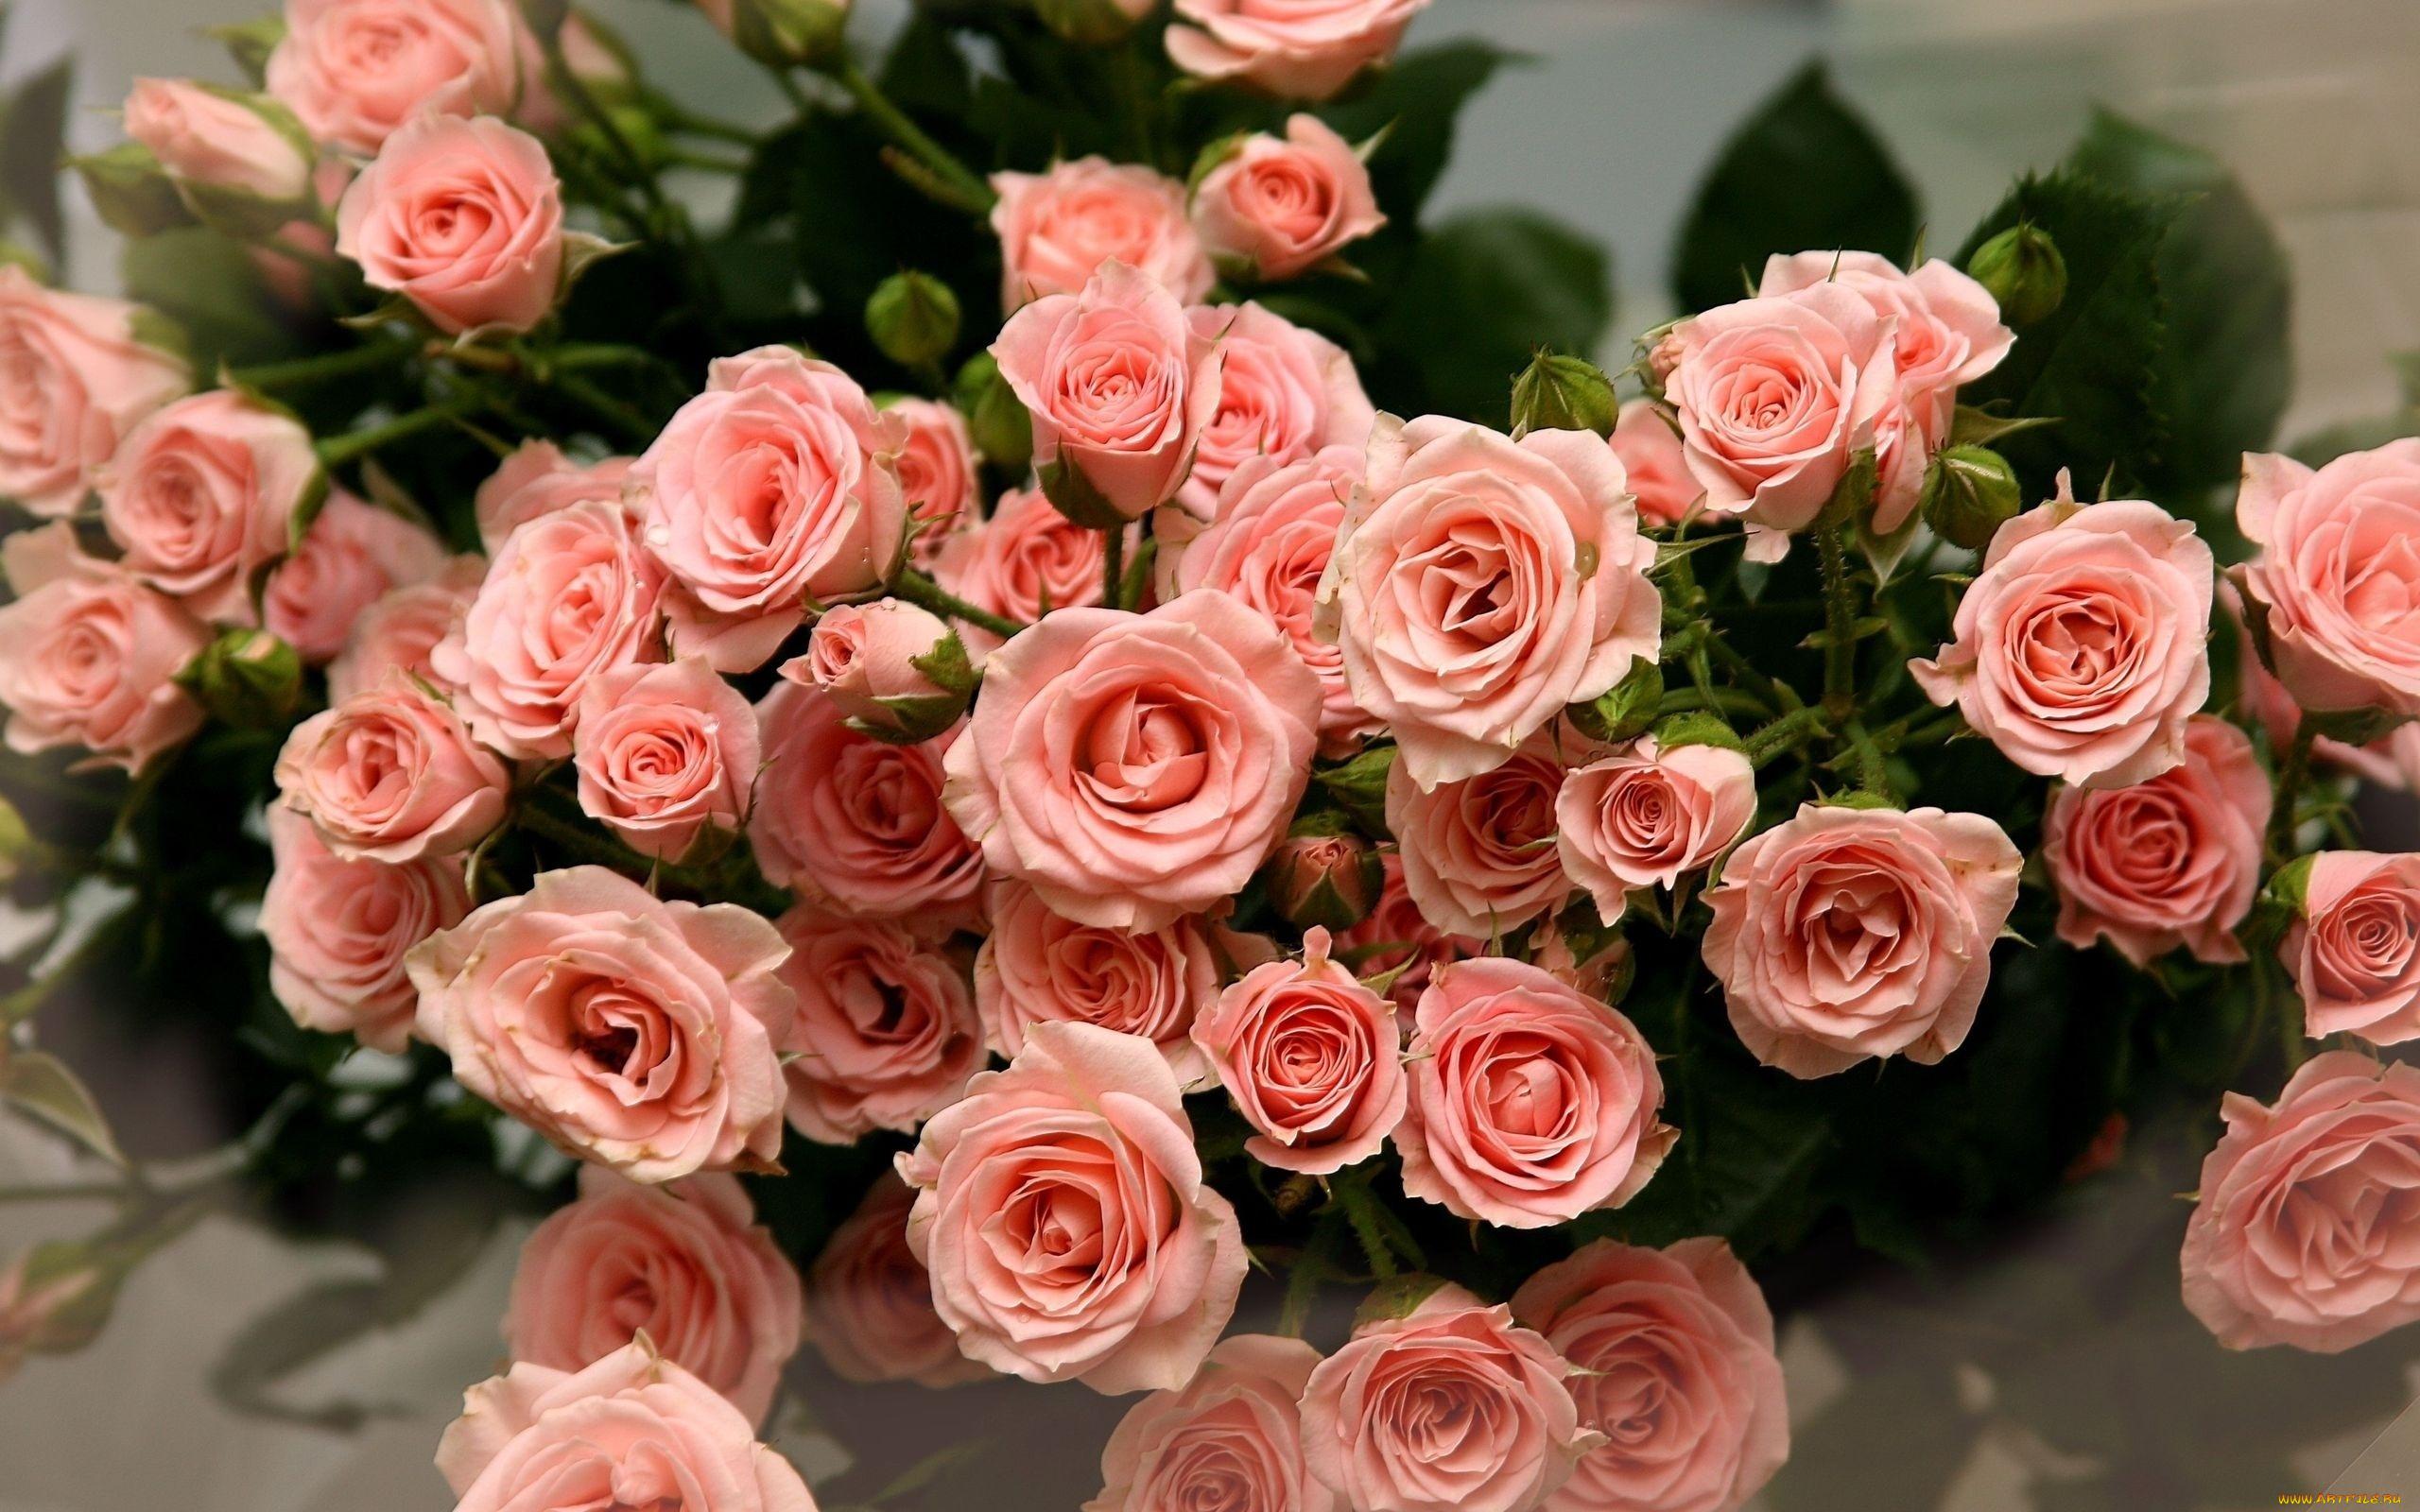 Поздравление днем, цветы картинки на телефон с ютуба